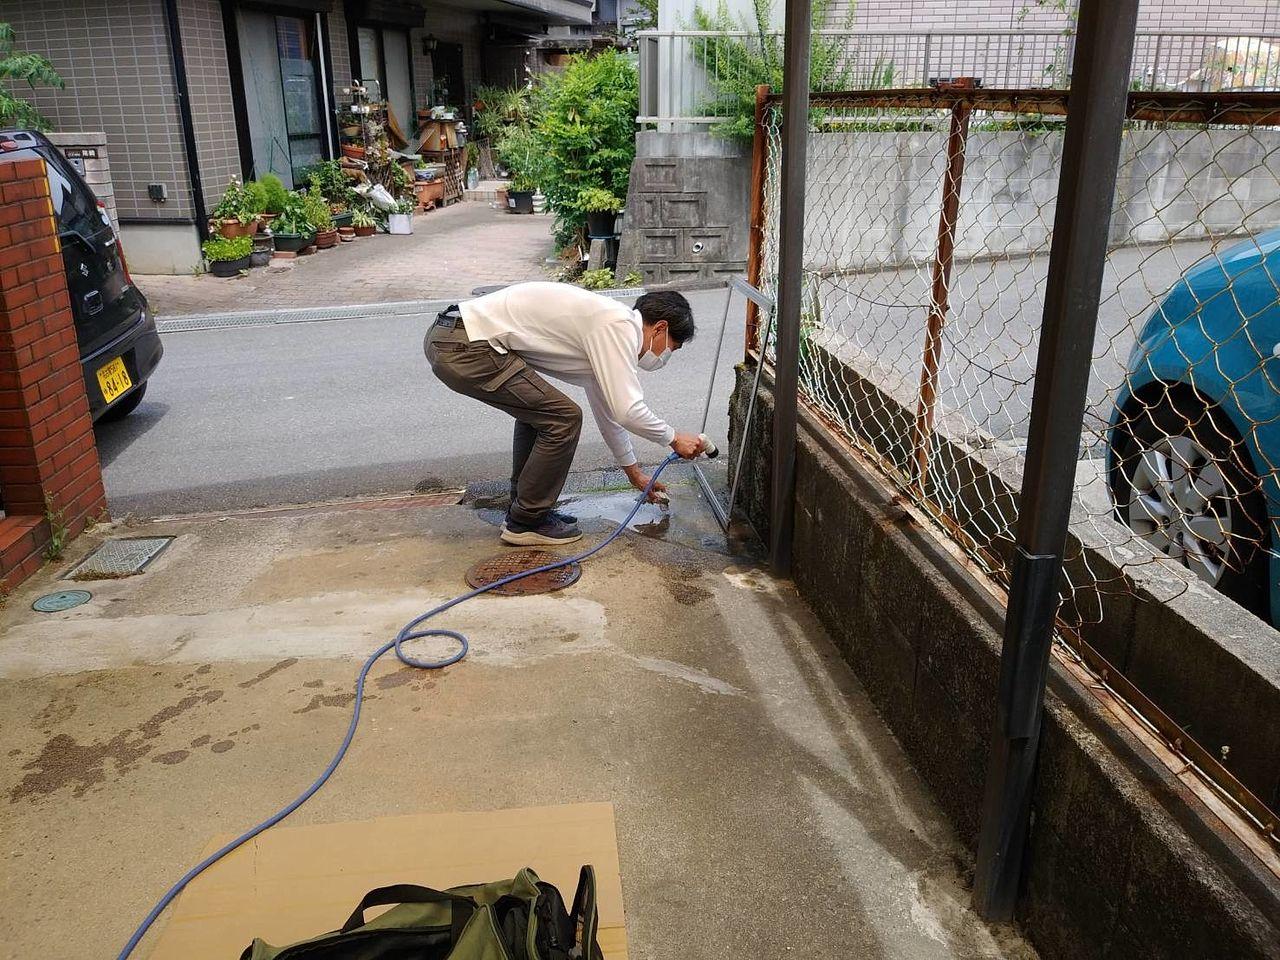 庭先でお水が拝借できない場合は、持参の霧吹きで網戸の枠をきれいにしてから、作業させていただきます。